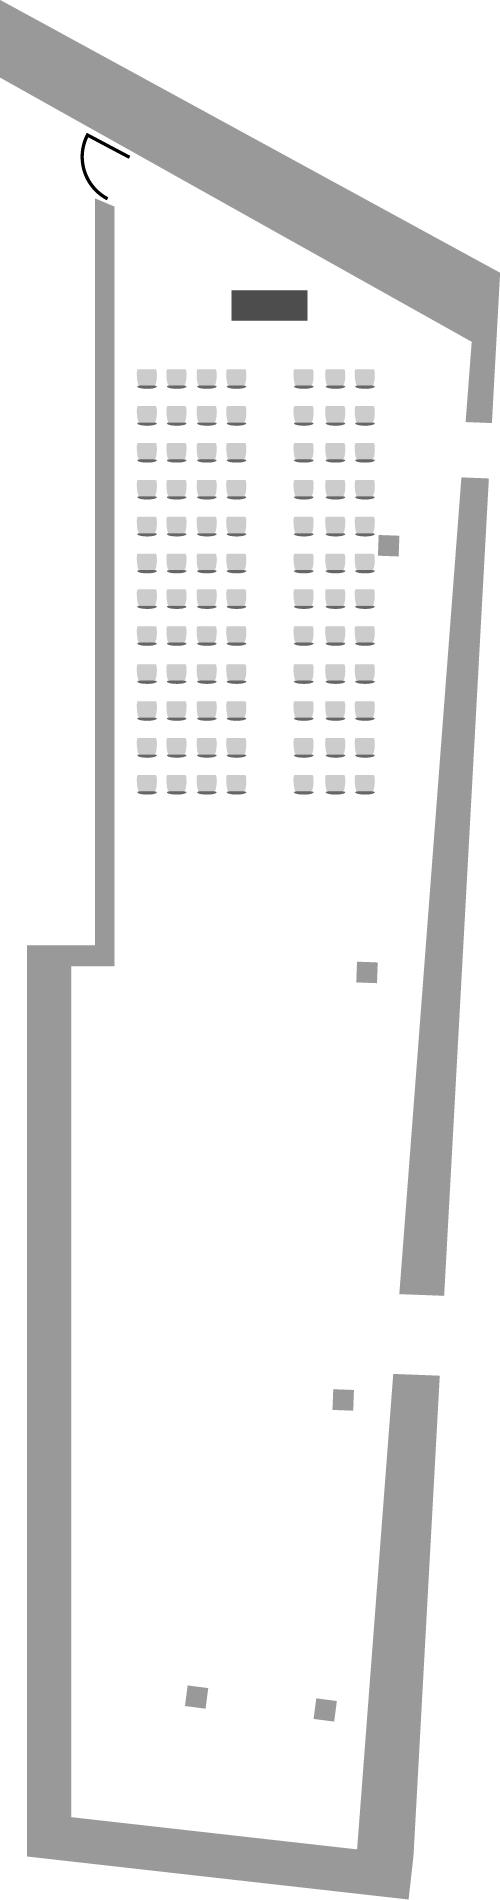 America Square Cornhill Suite - Theatre